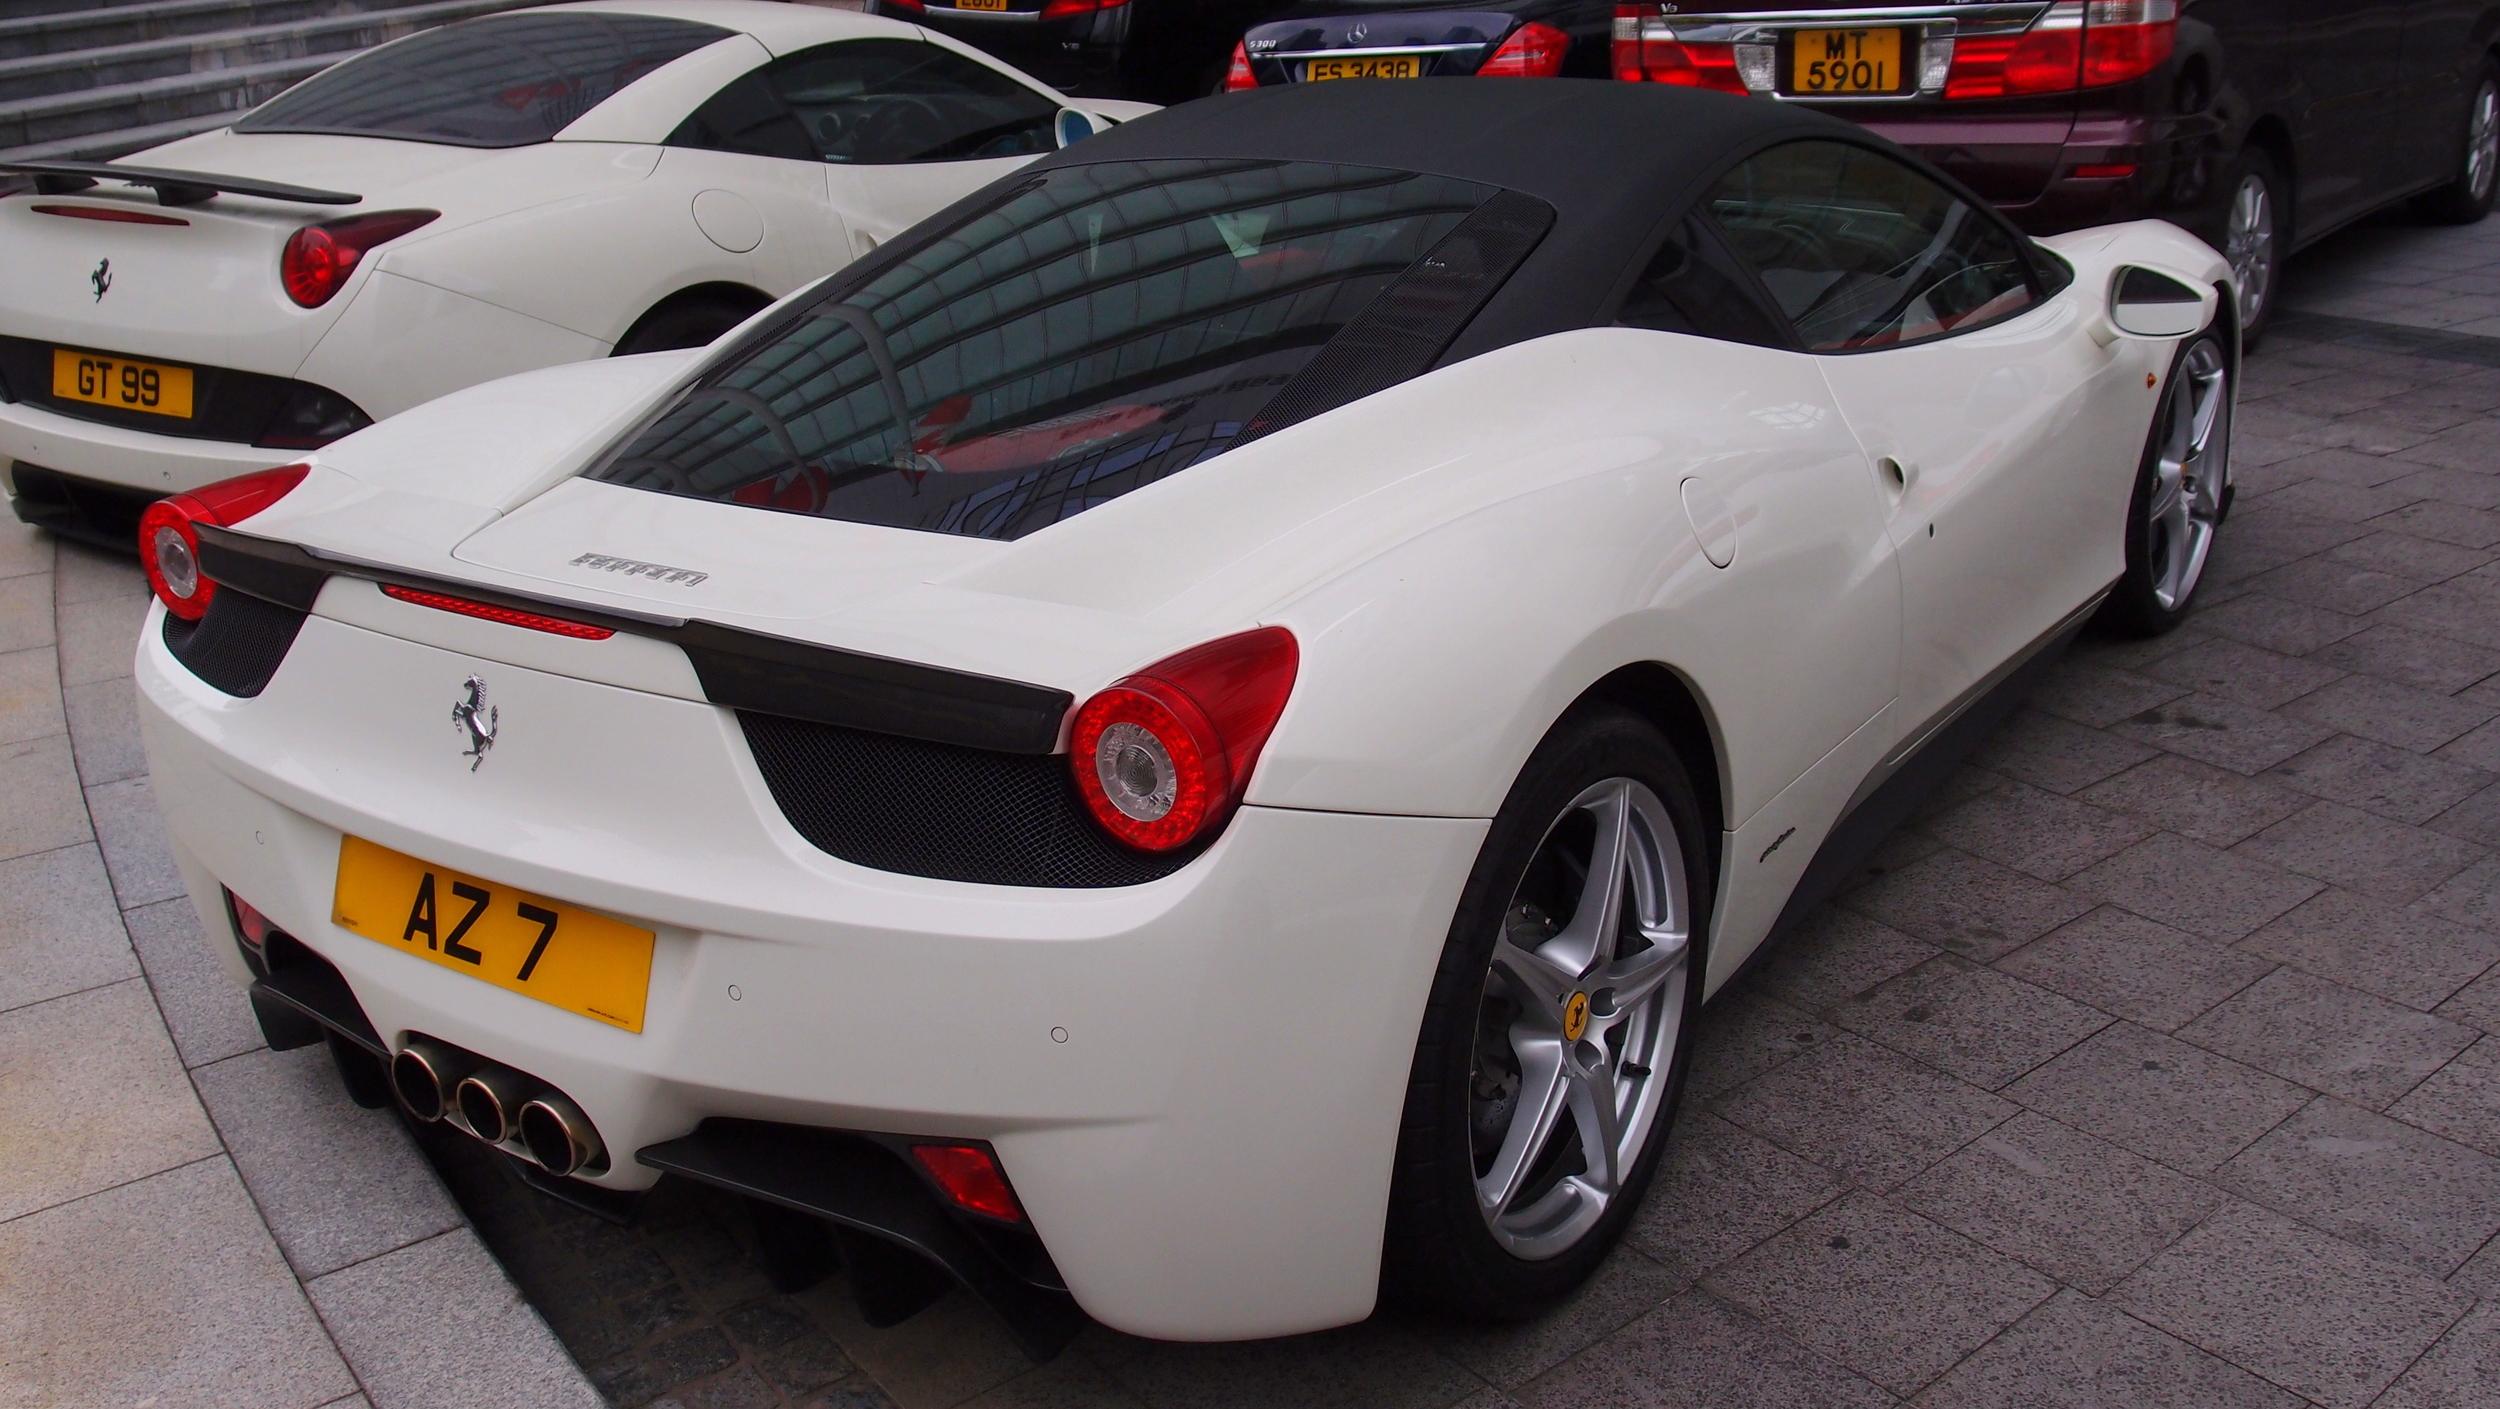 Another lovely white Ferrari